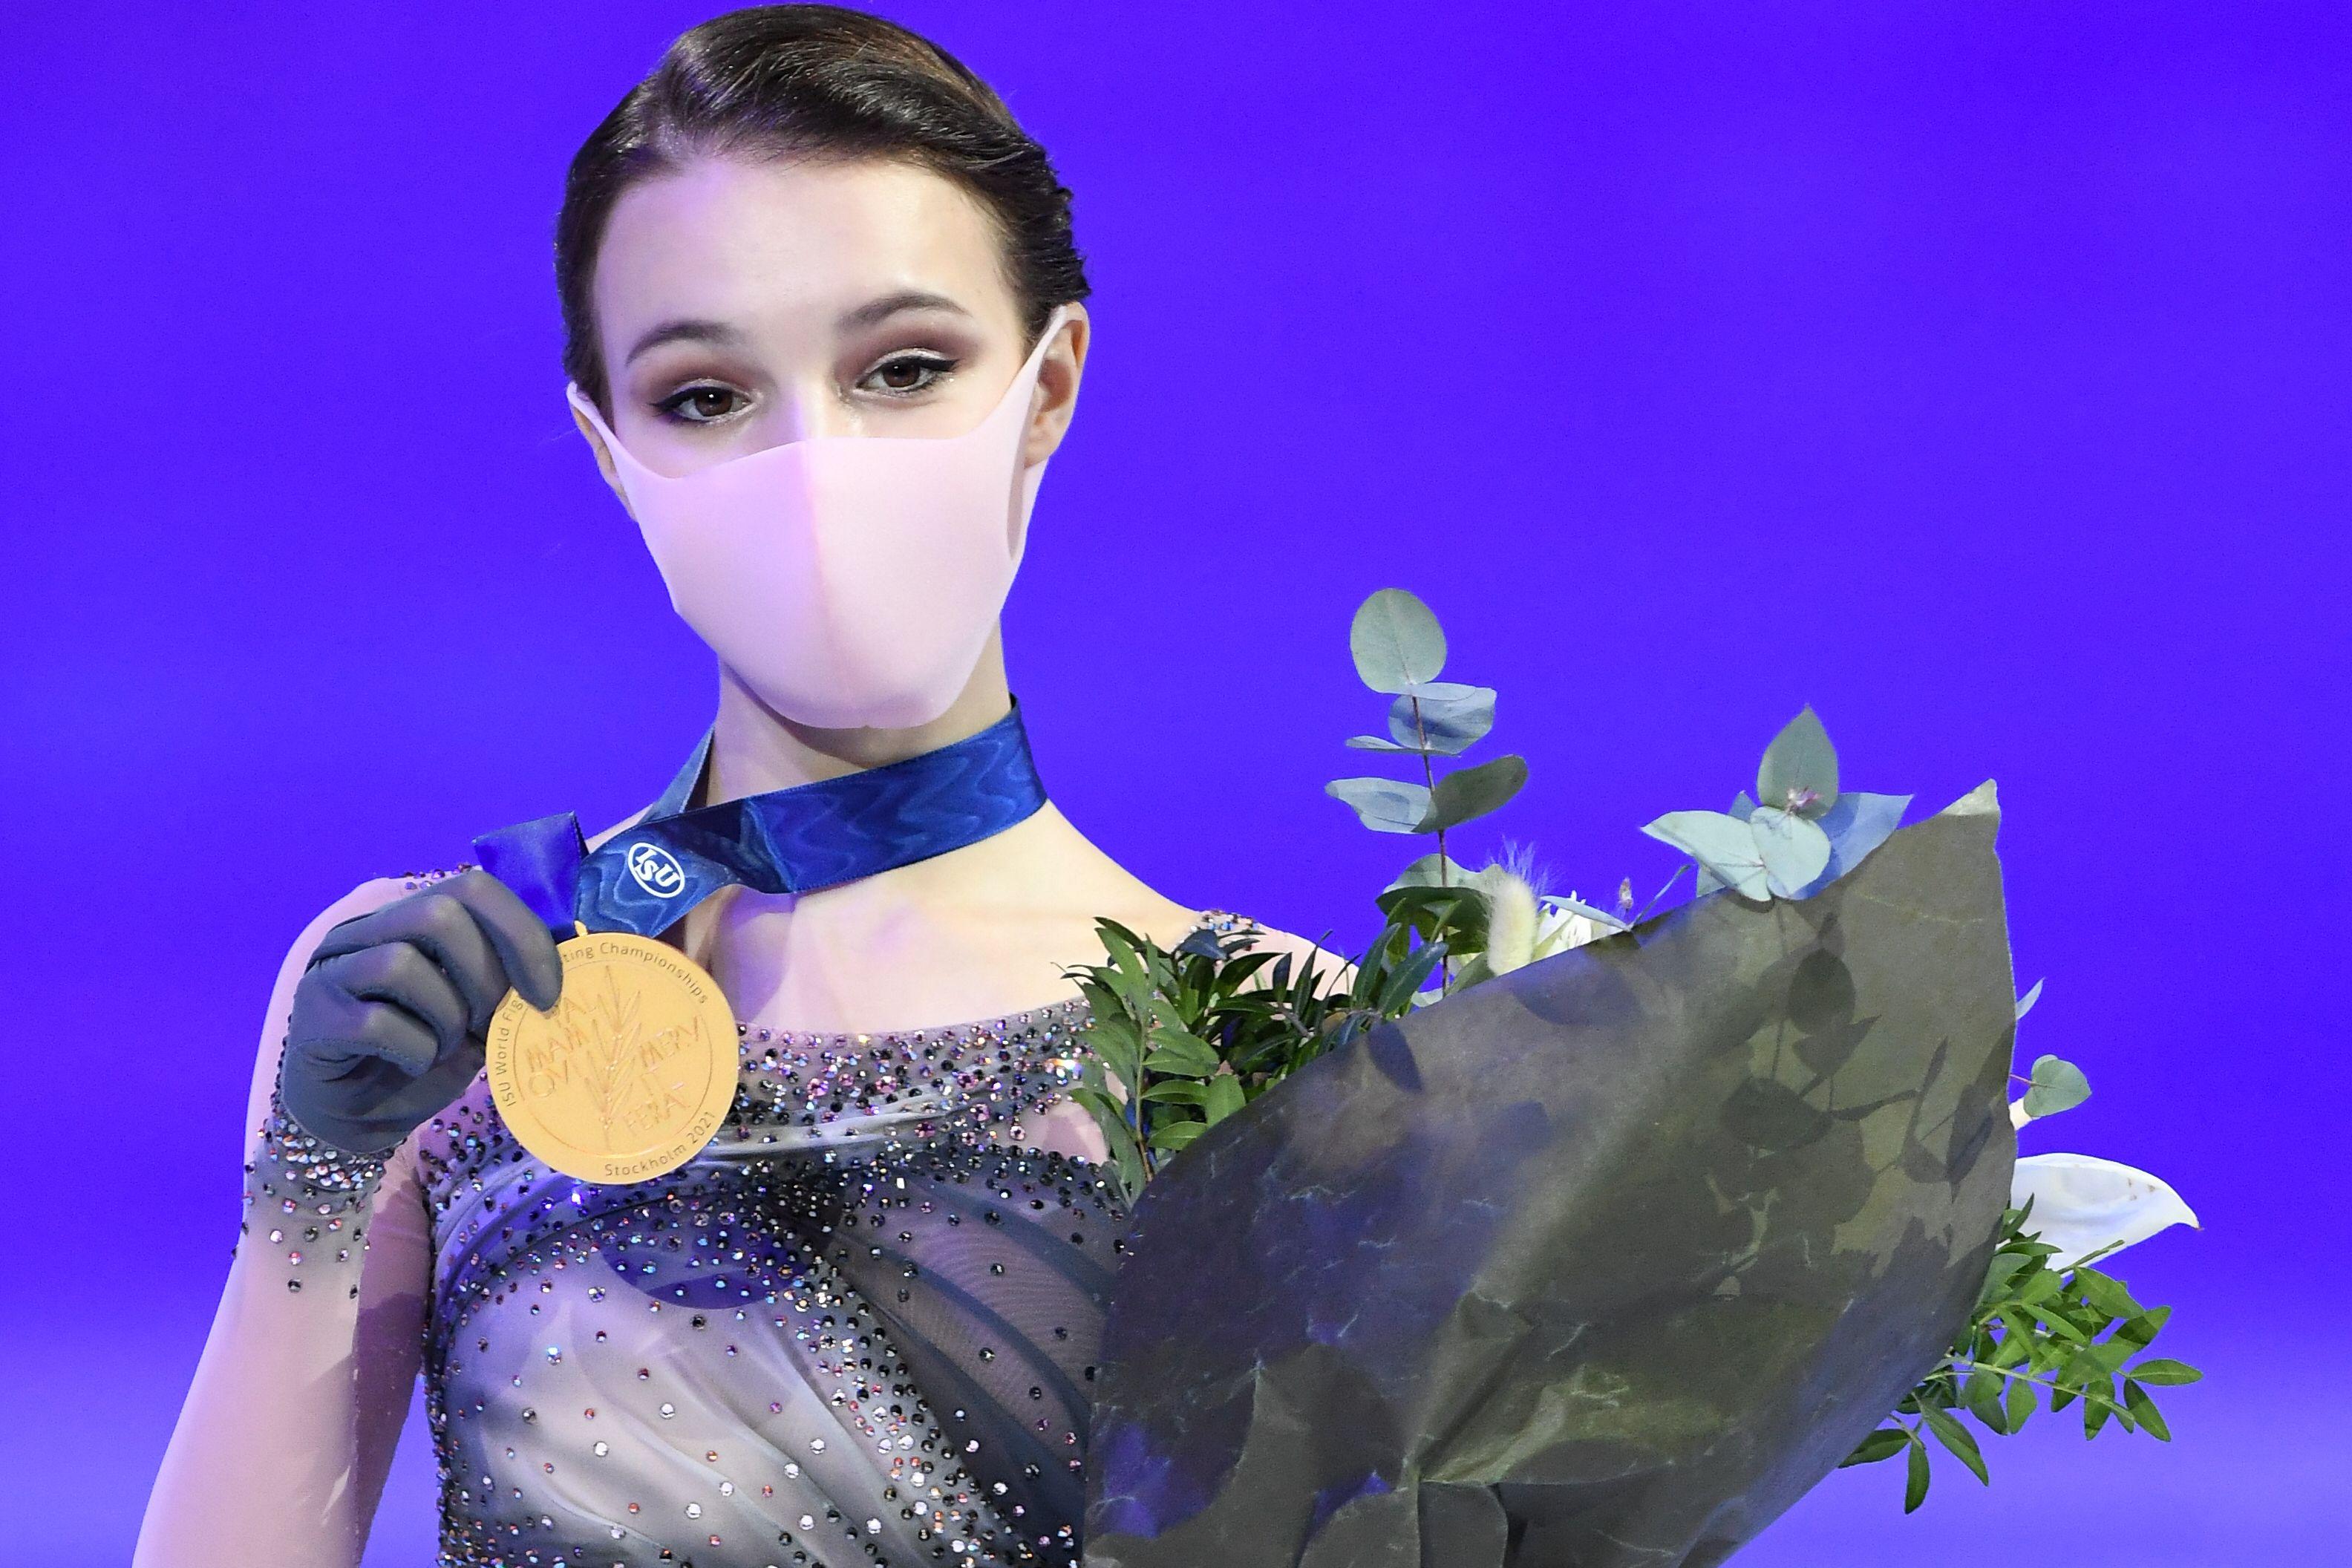 Щербакова опубликовала эмоциональное фото после победы на чемпионате мира